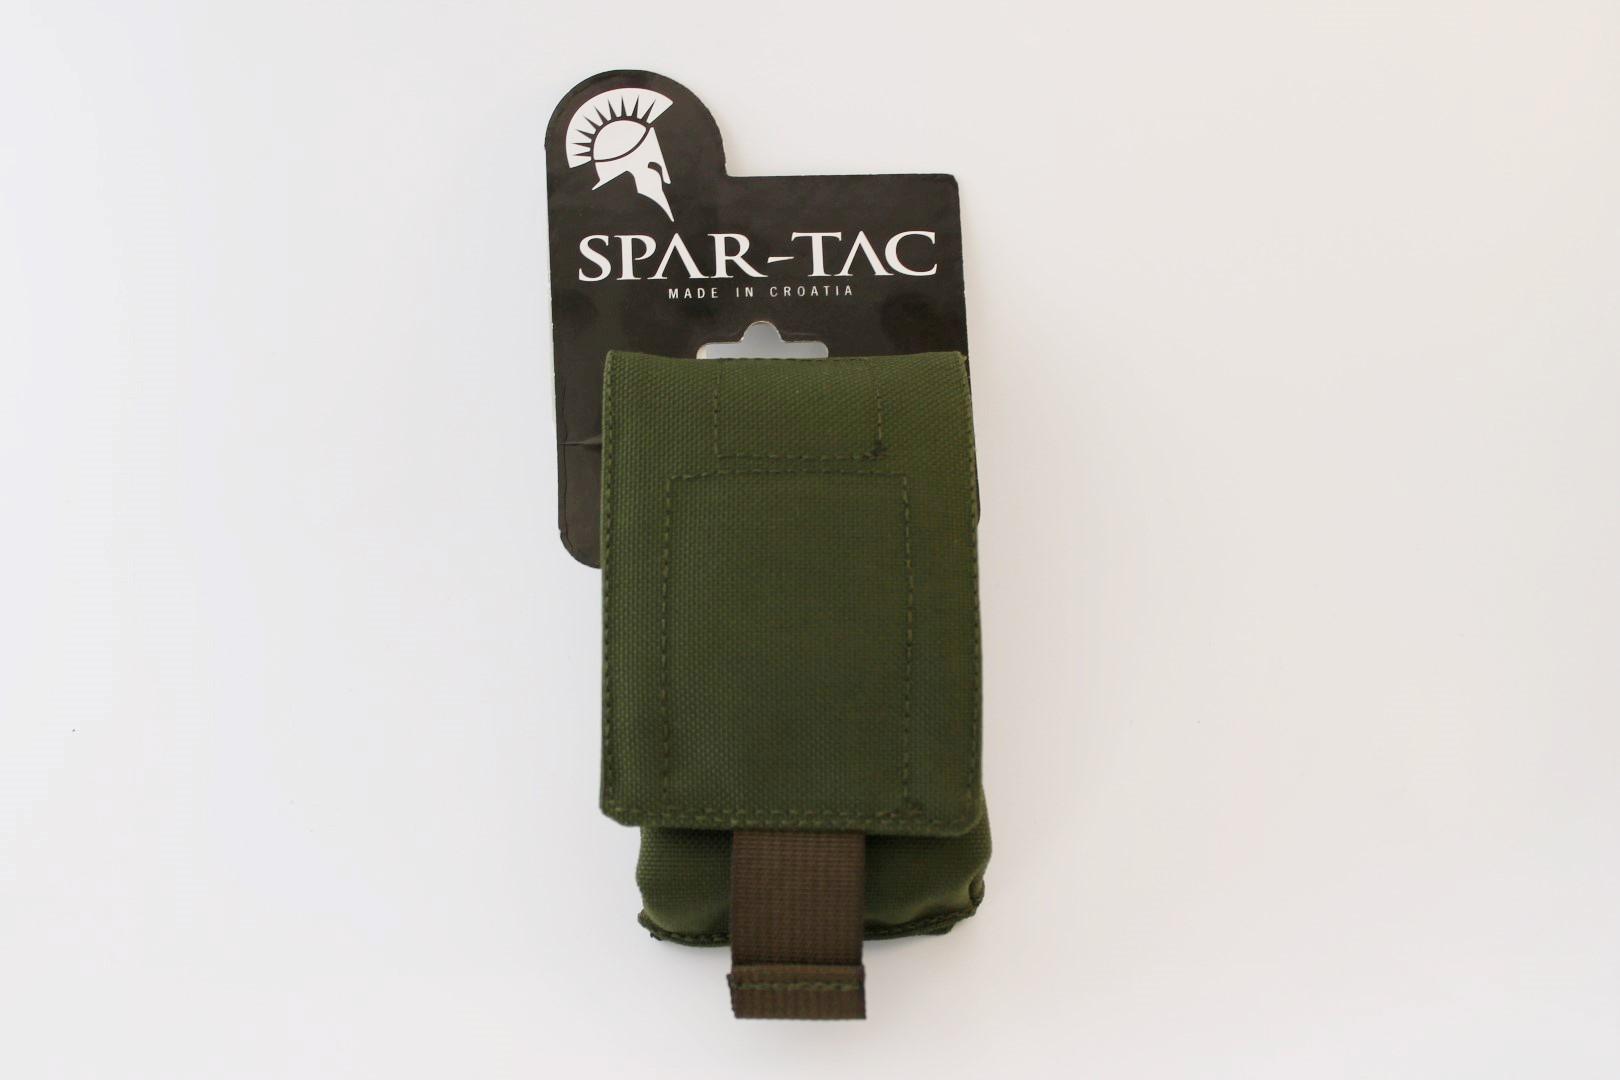 Džep za smartphone